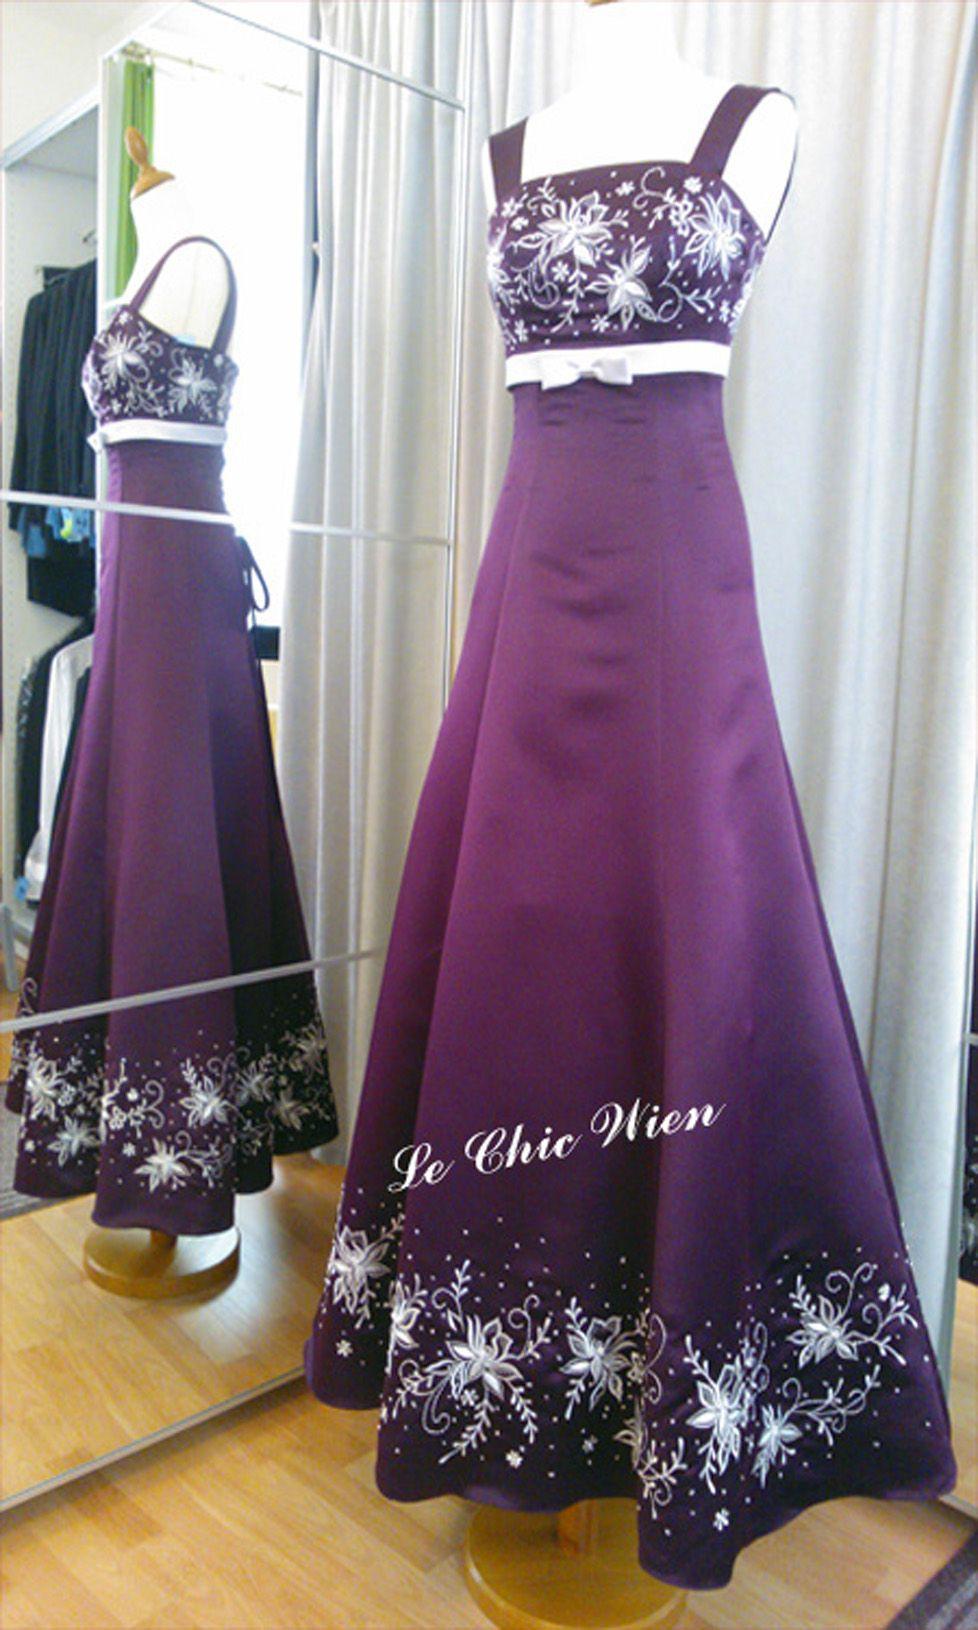 Ausgezeichnet Abendkleid Verleih Wien StylishDesigner Luxurius Abendkleid Verleih Wien Boutique